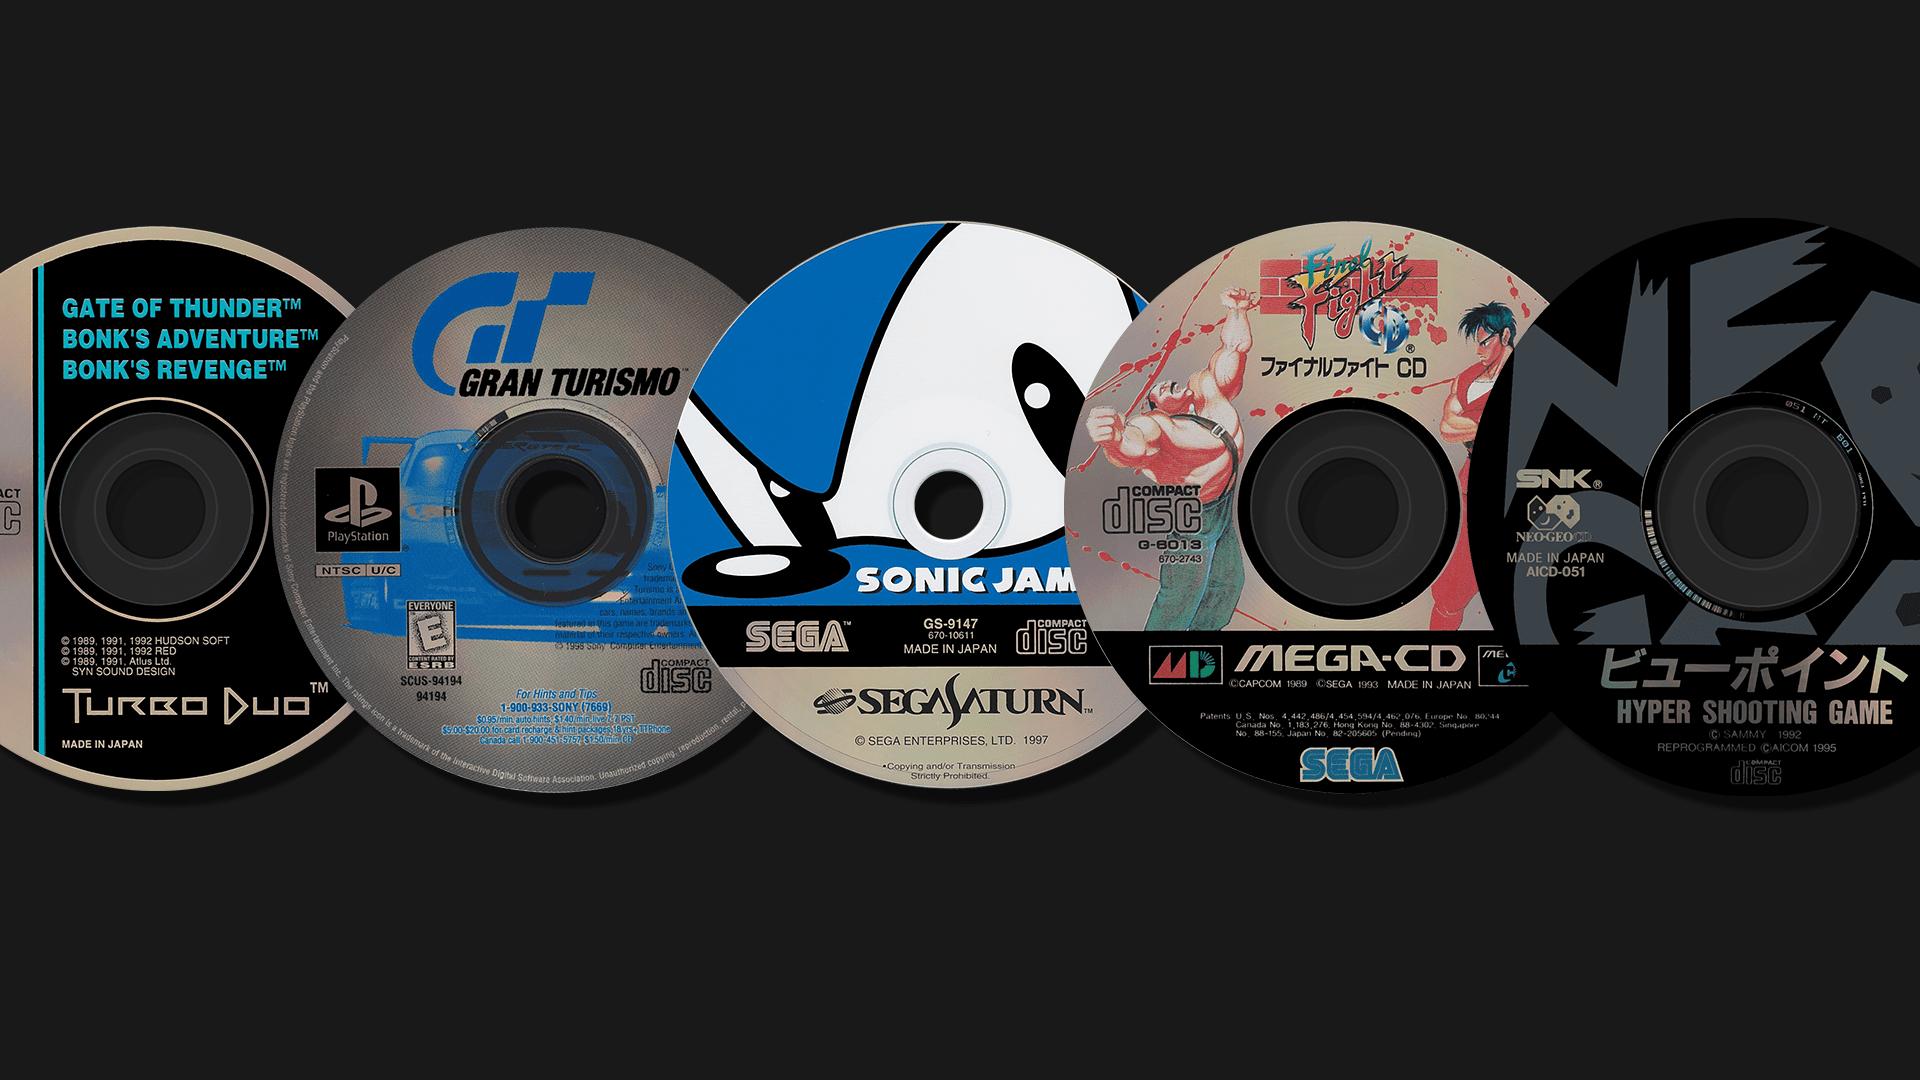 polymega gry 4 - Nowa konsola Polymega ze wsparciem m.in. dla PlayStation oraz Sega Saturn